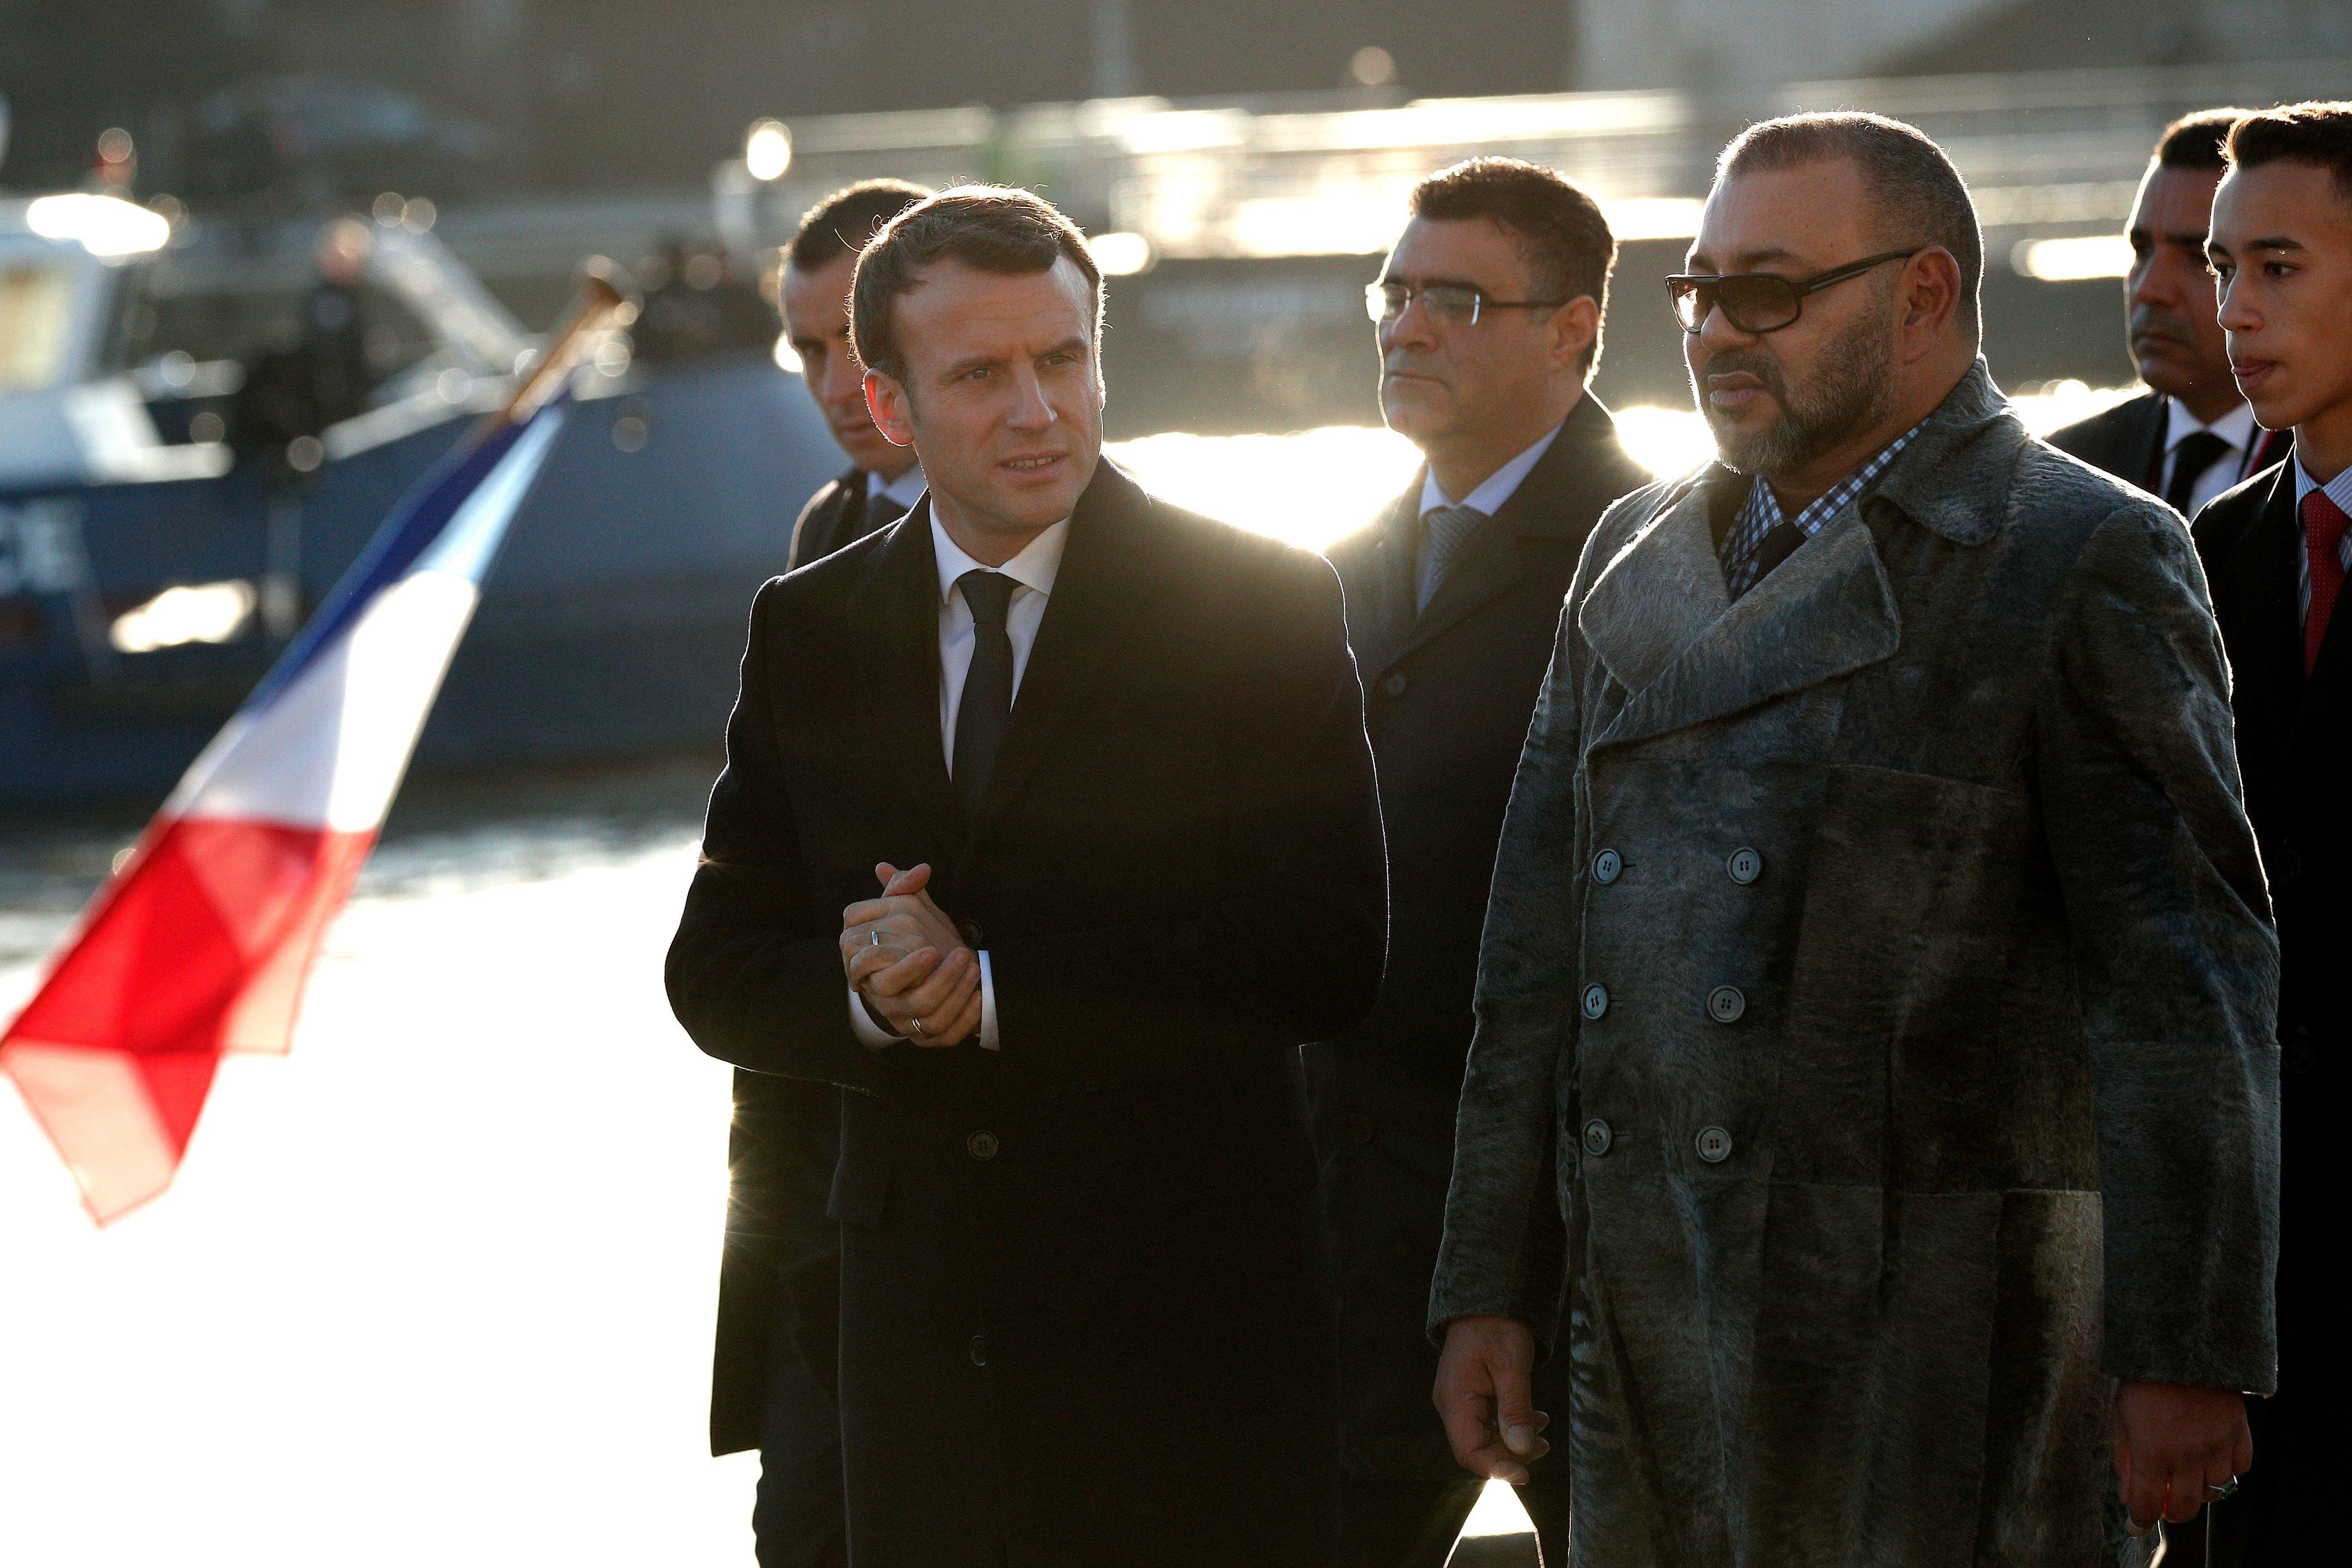 Entretien programmé ce mardi entre Emmanuel Macron et le roi Mohammed